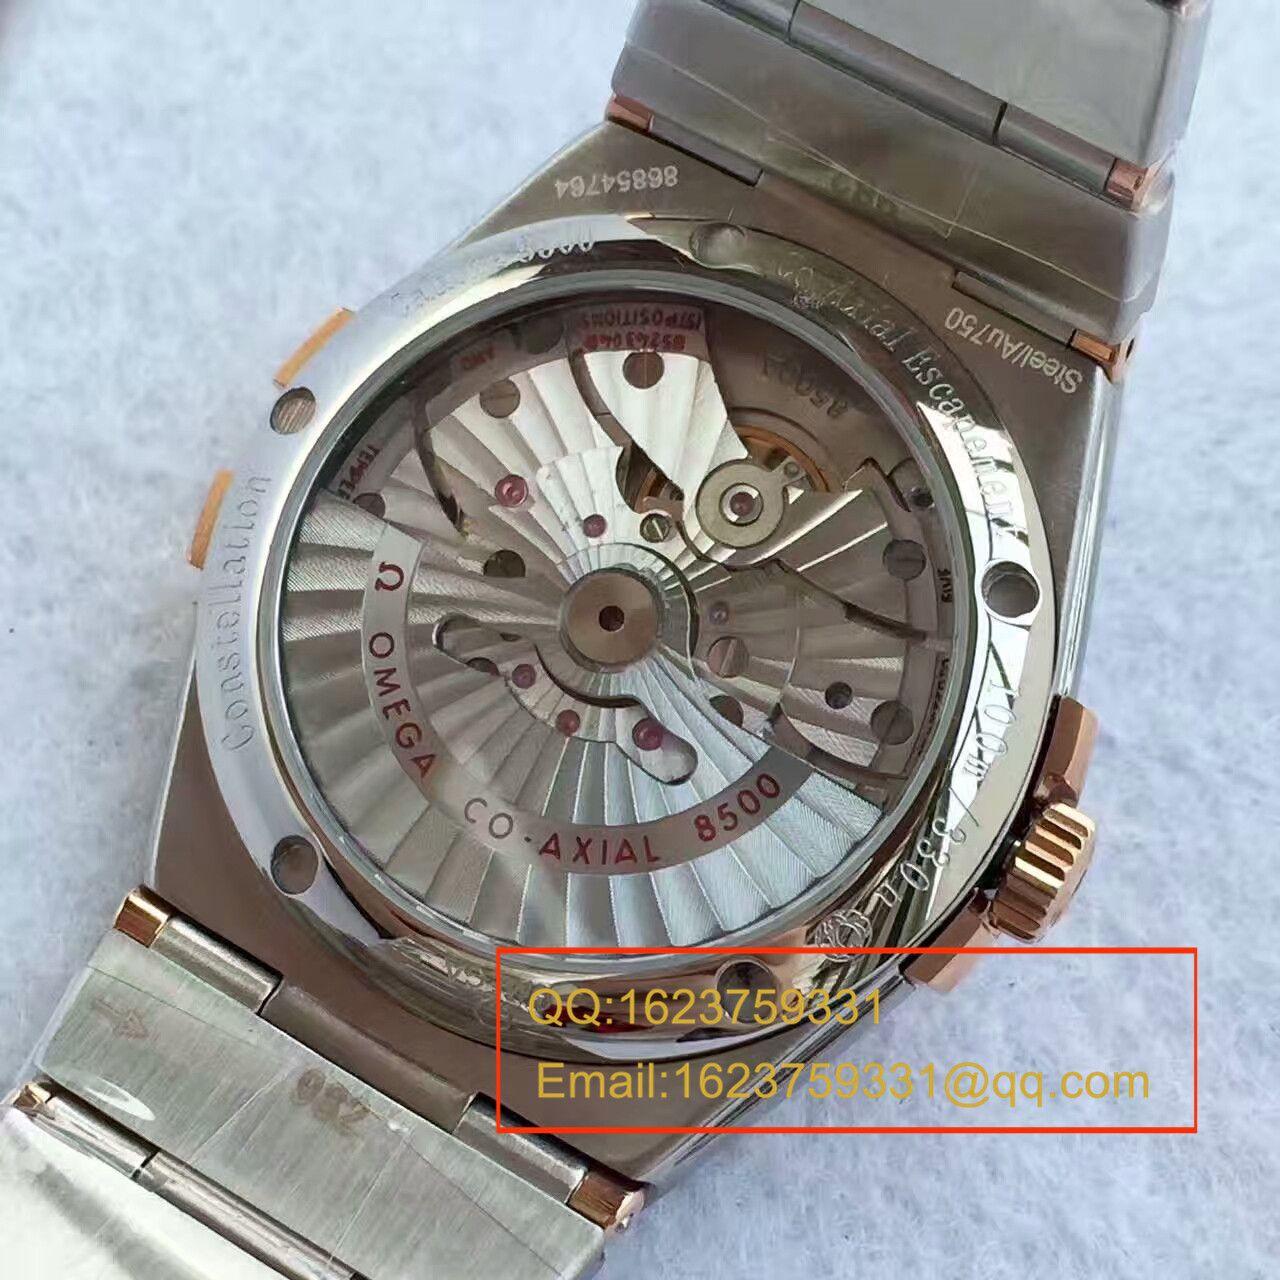 【SSS一比一超A高仿手表】欧米茄星座系列123.20.38.21.01.001腕表《多色可选》 / M261